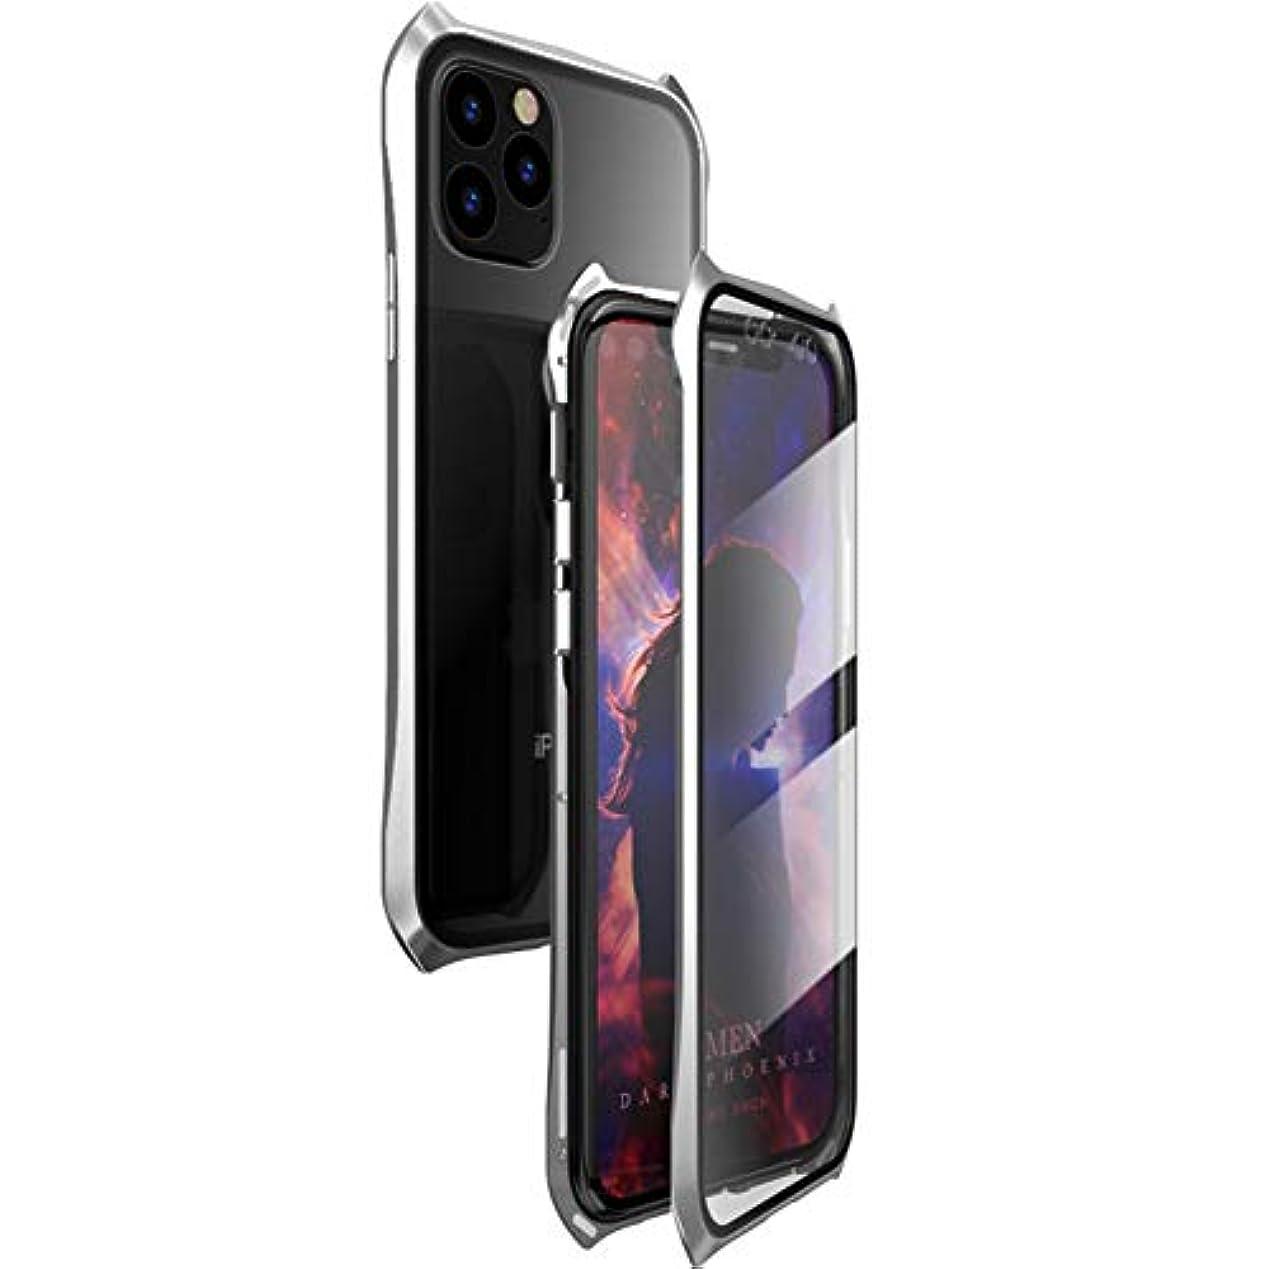 ワイドマトン無関心Iphone 保護カバー - 携帯電話シェル両面ガラス磁気キングアップル11保護カバーオールインクルーシブアンチフォール男性と女性の